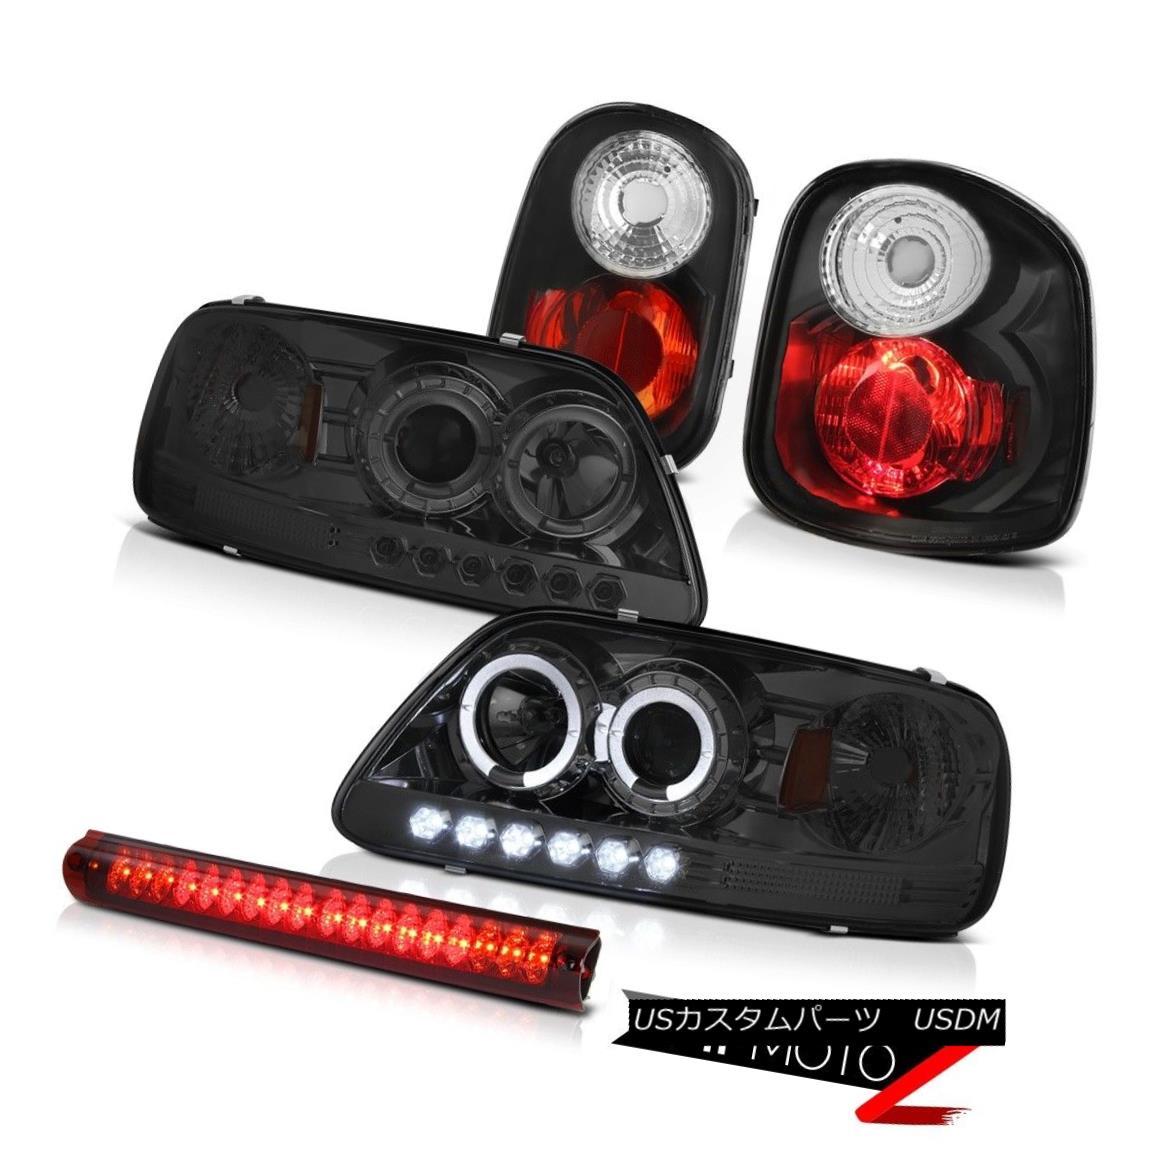 ヘッドライト LED Tinted Headlights Black Clear Tail Lamps High Brake Cargo Lamp 01-03 F150 XL LEDトレンチヘッドライトブラッククリアテールランプハイブレーキカーゴランプ01-03 F150 XL